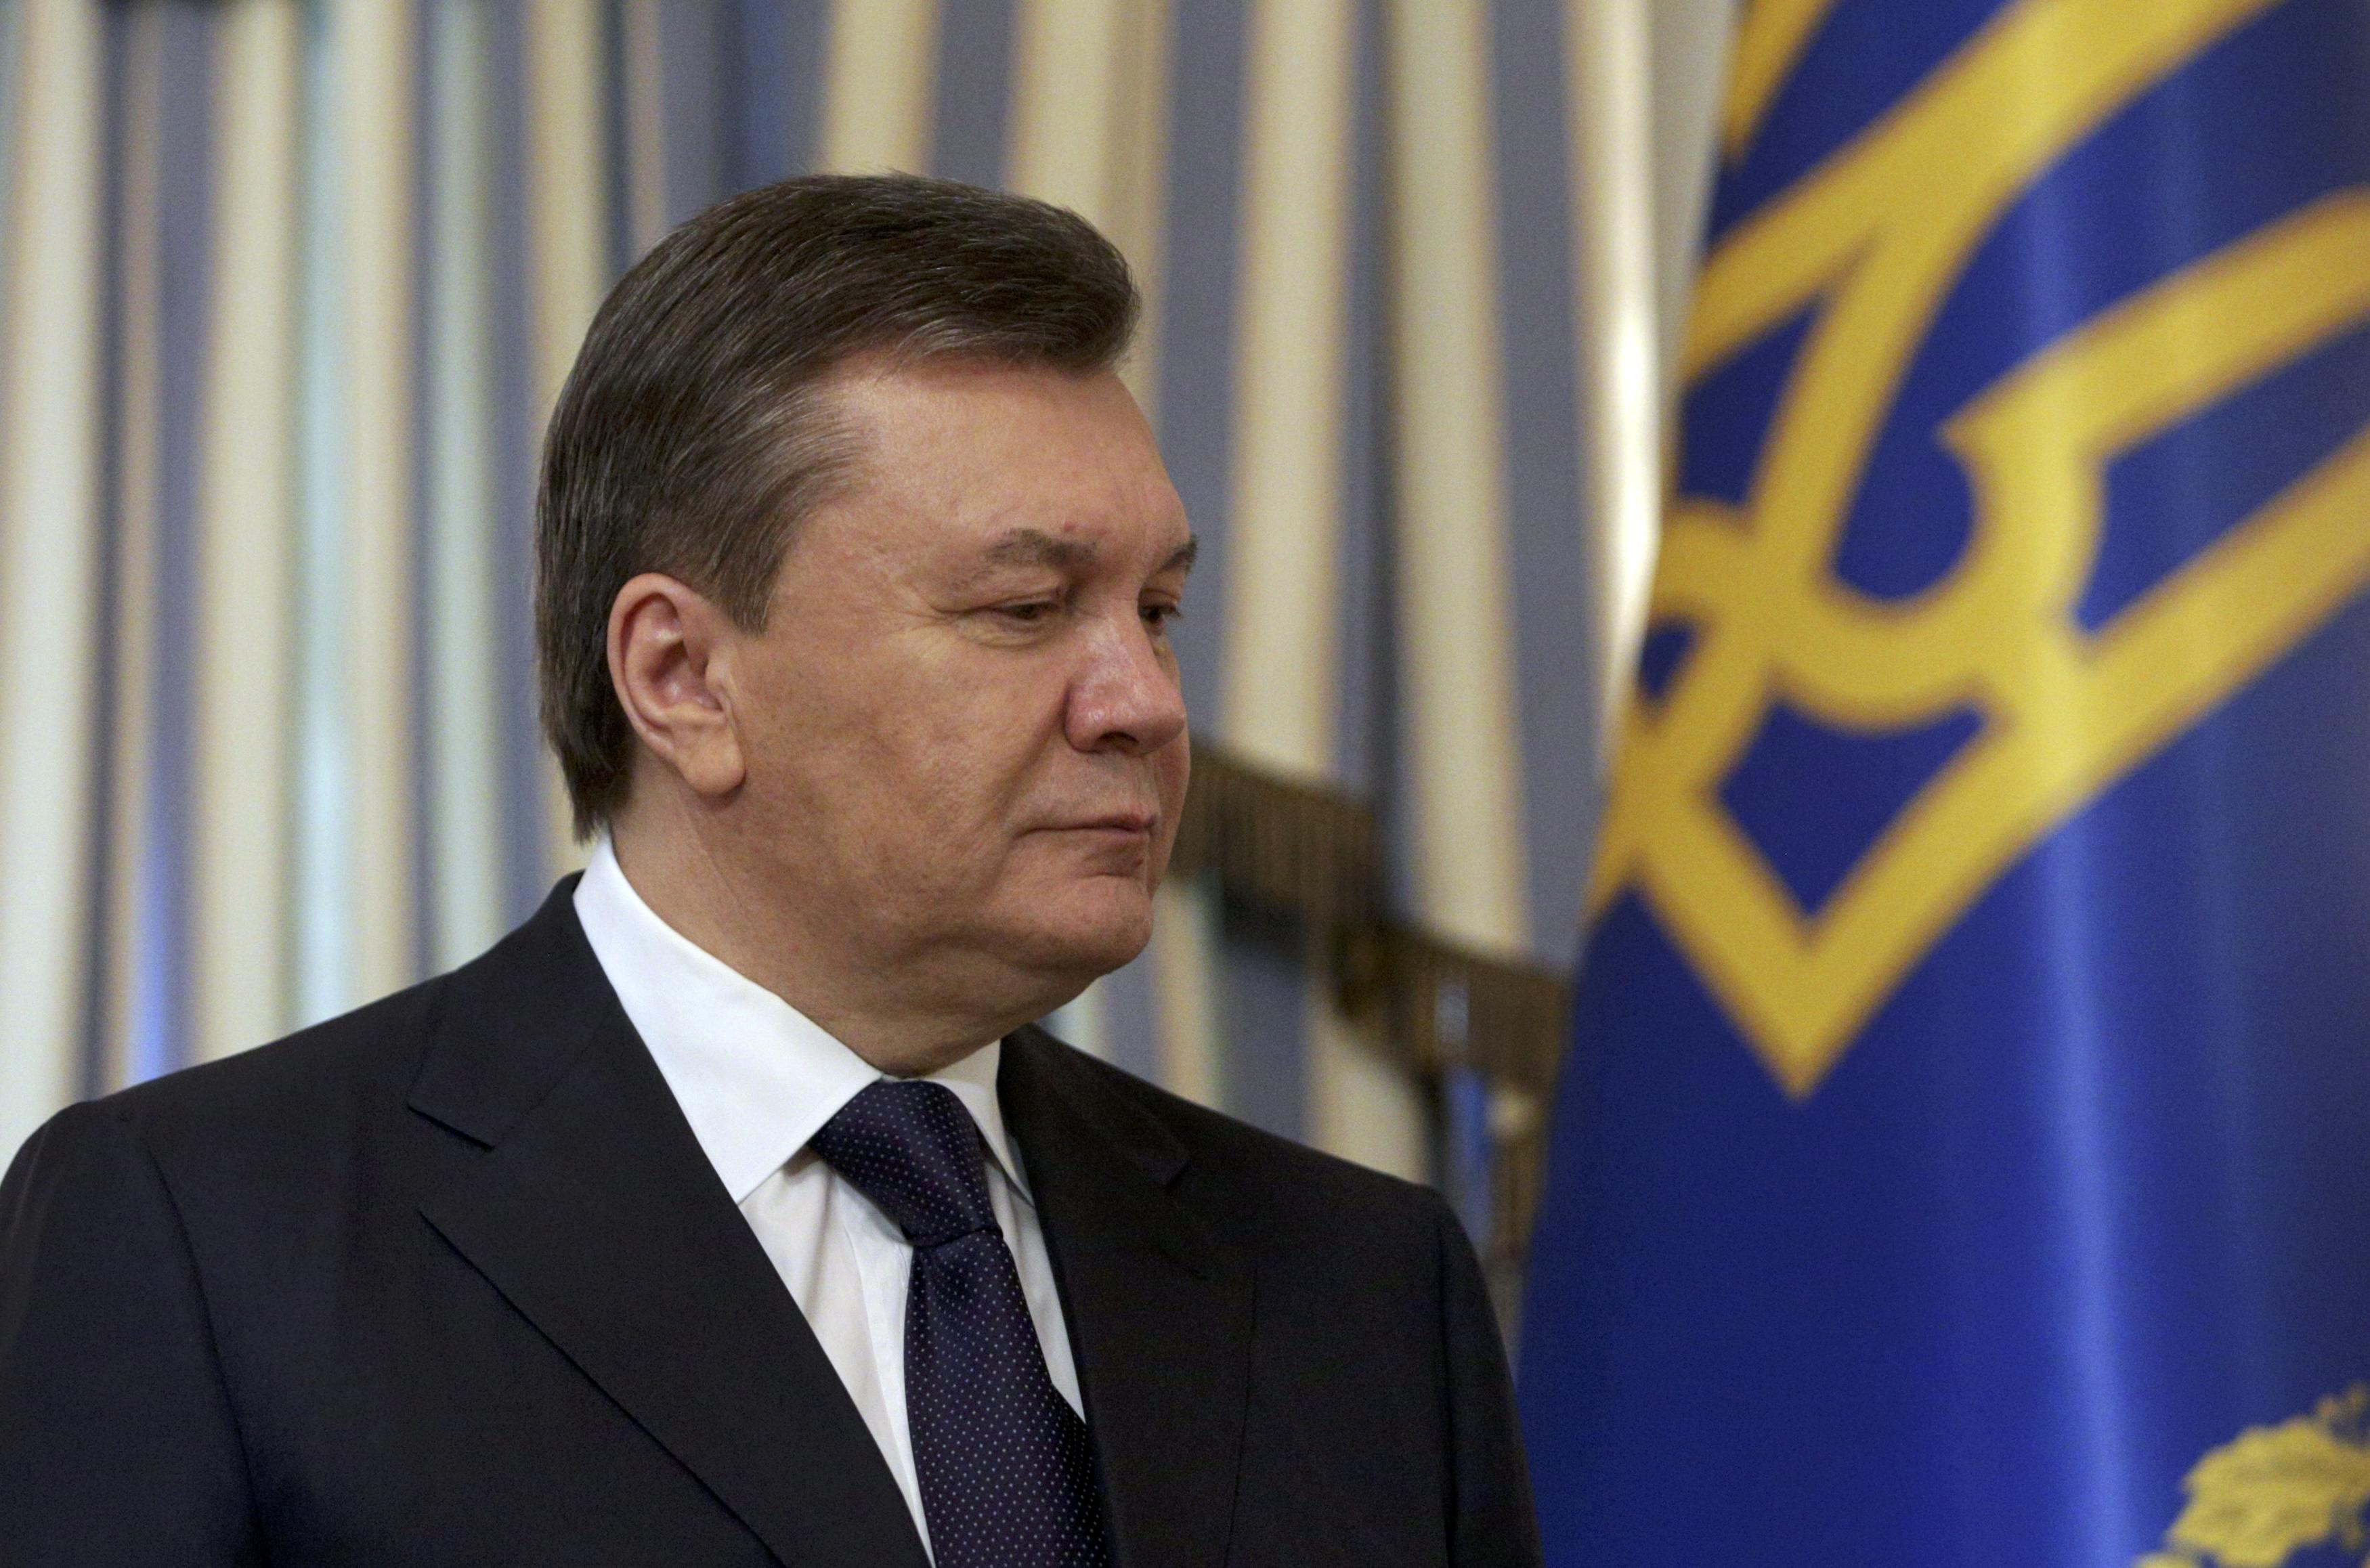 Юрий Луценко полагает, что РФ не выдаст Украине Виктора Януковича